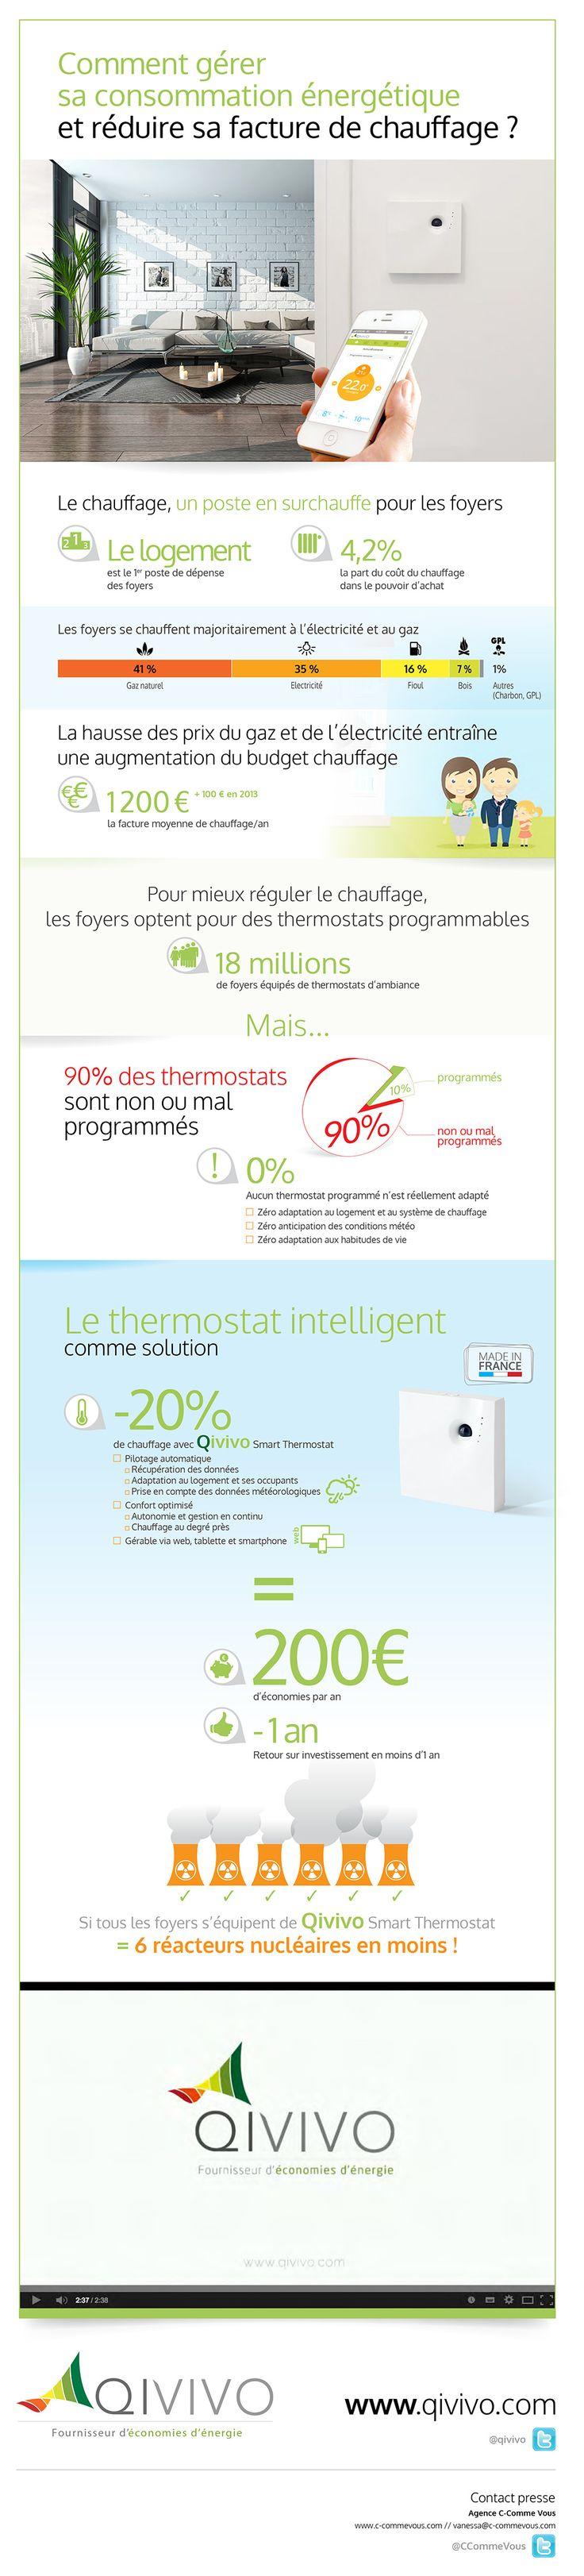 Infographie Qivivo : Comment gérer sa consommation énergétique et réduire sa facture de chauffage ?